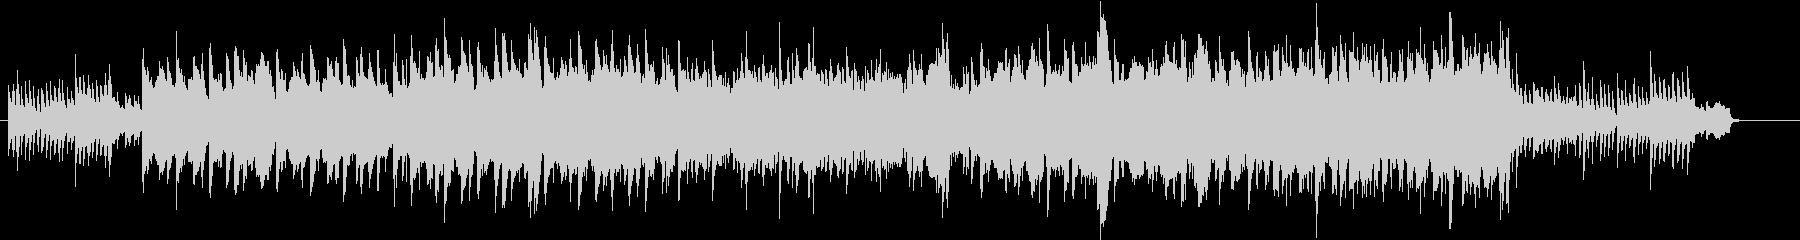 サックスとピアノがメインの感動的なBGMの未再生の波形